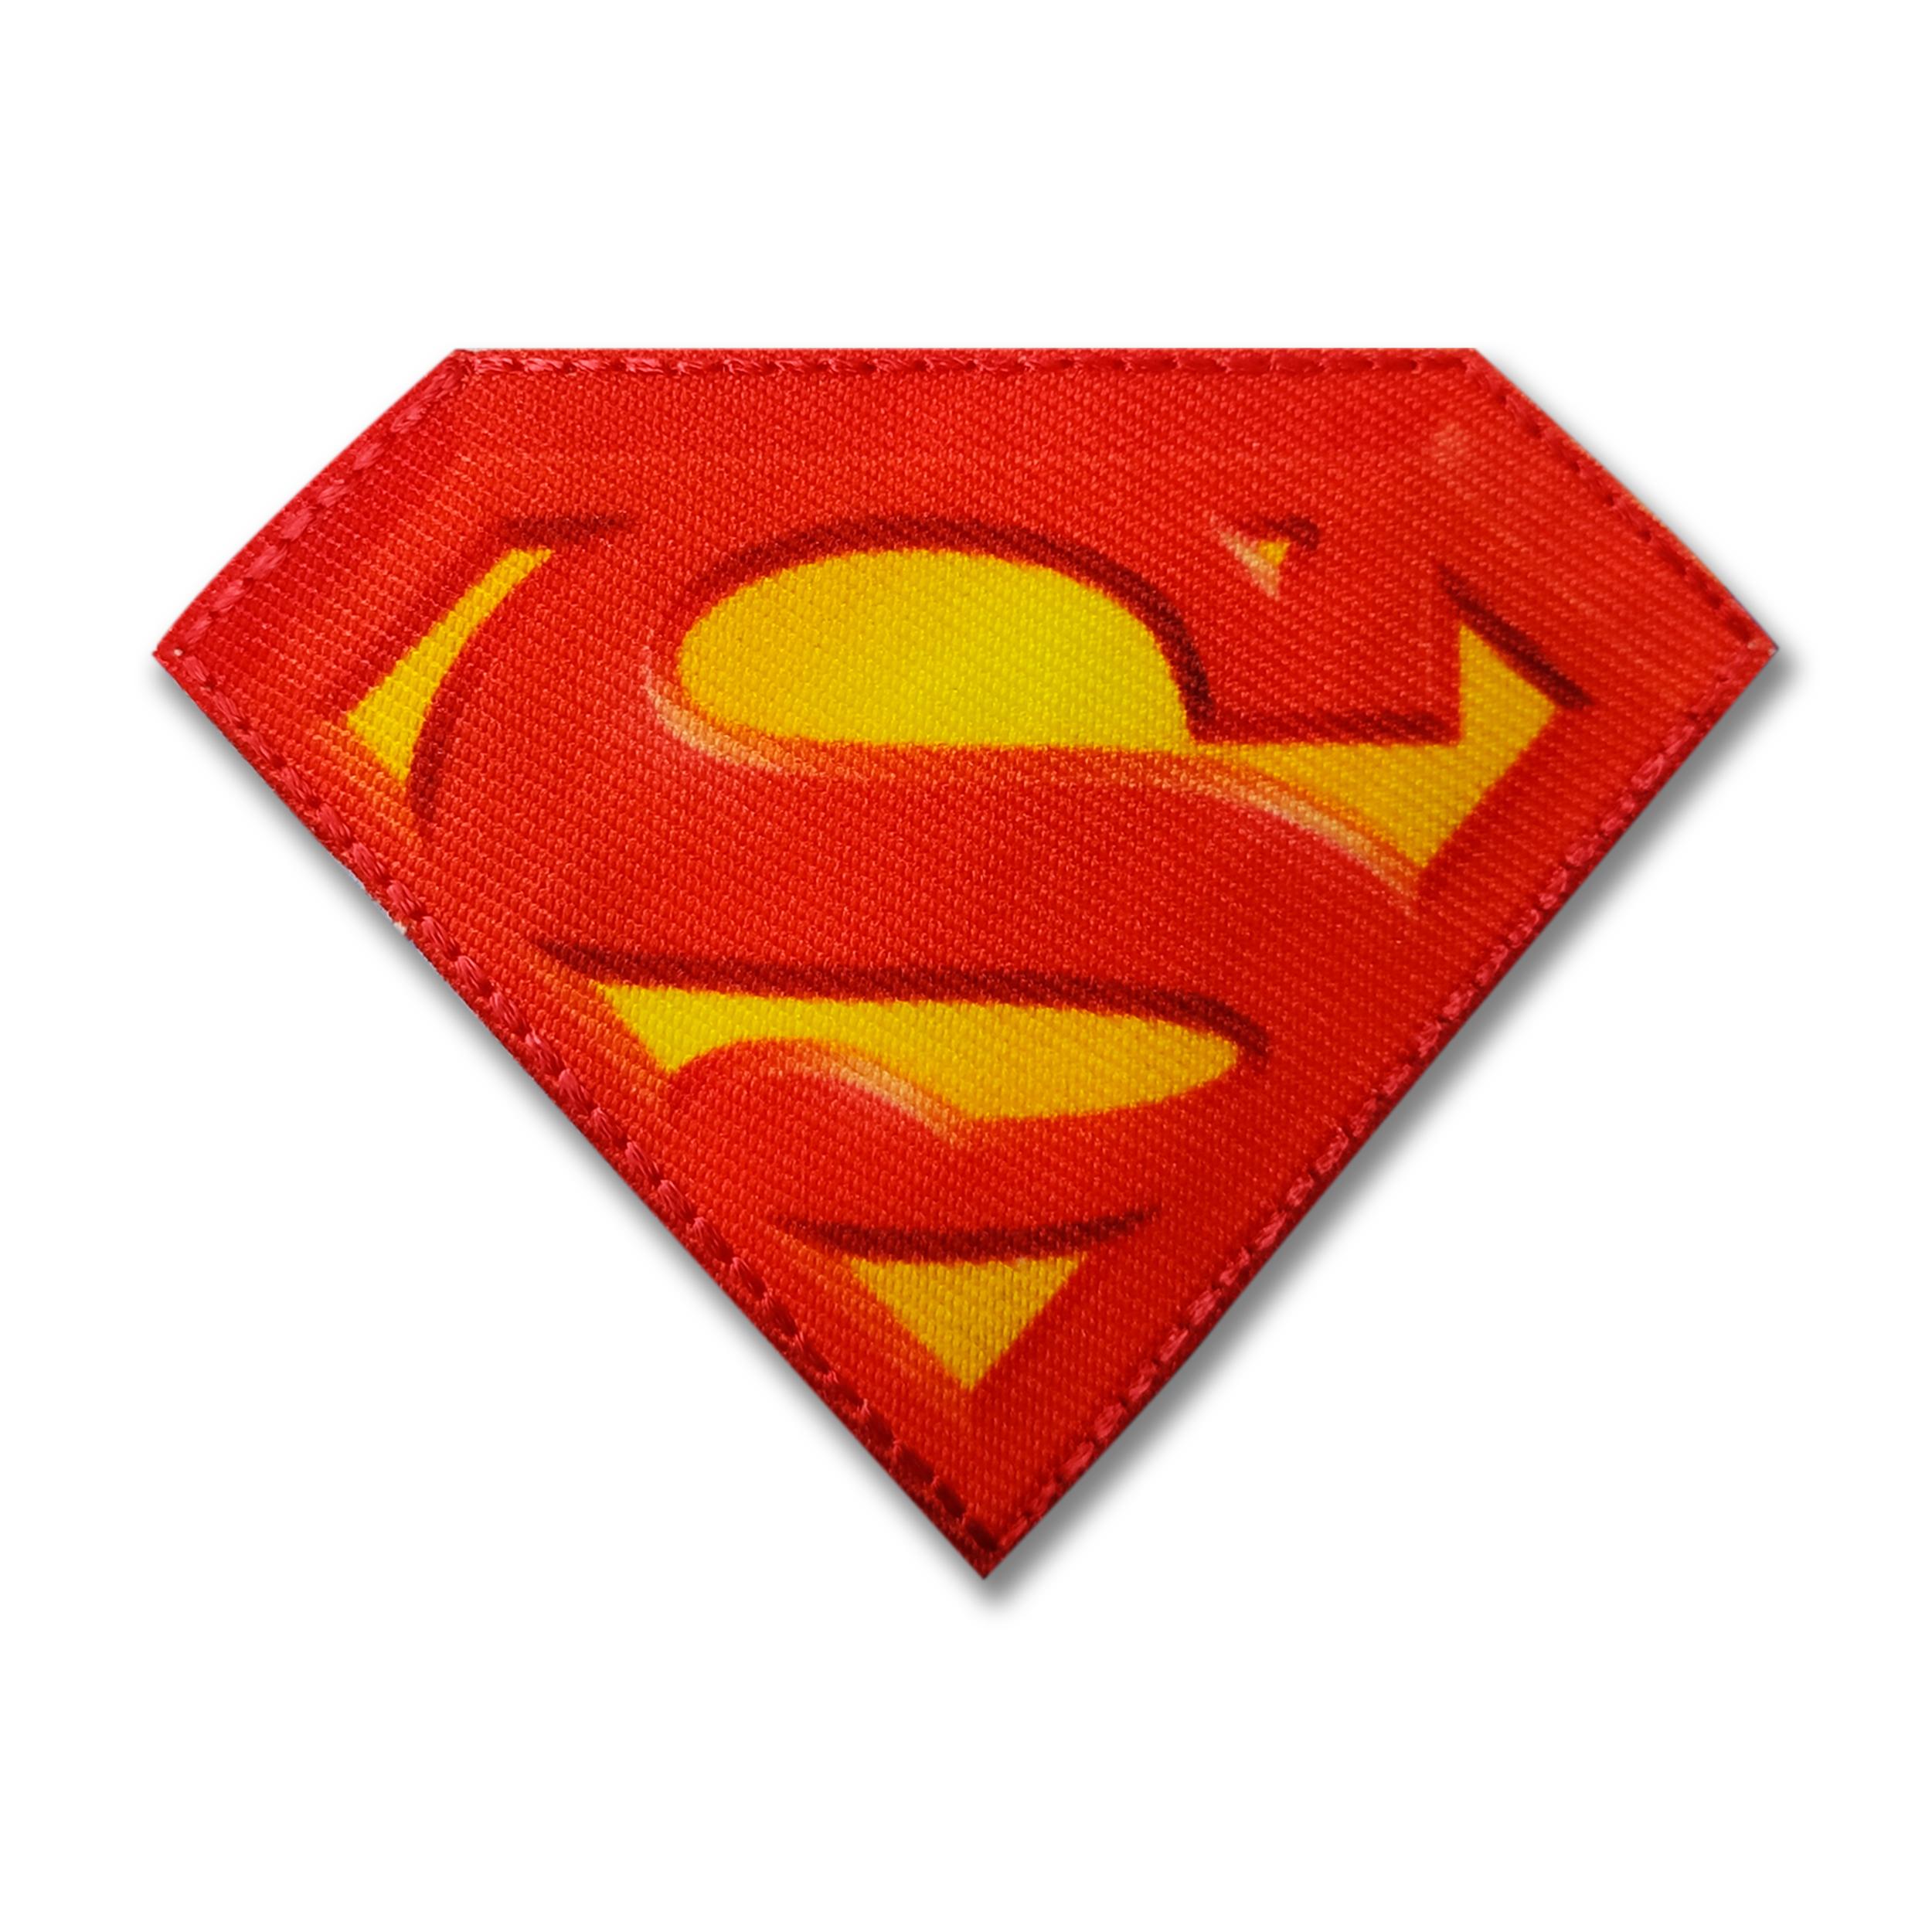 Applicazione Termoadesiva Marbet Logo Superman